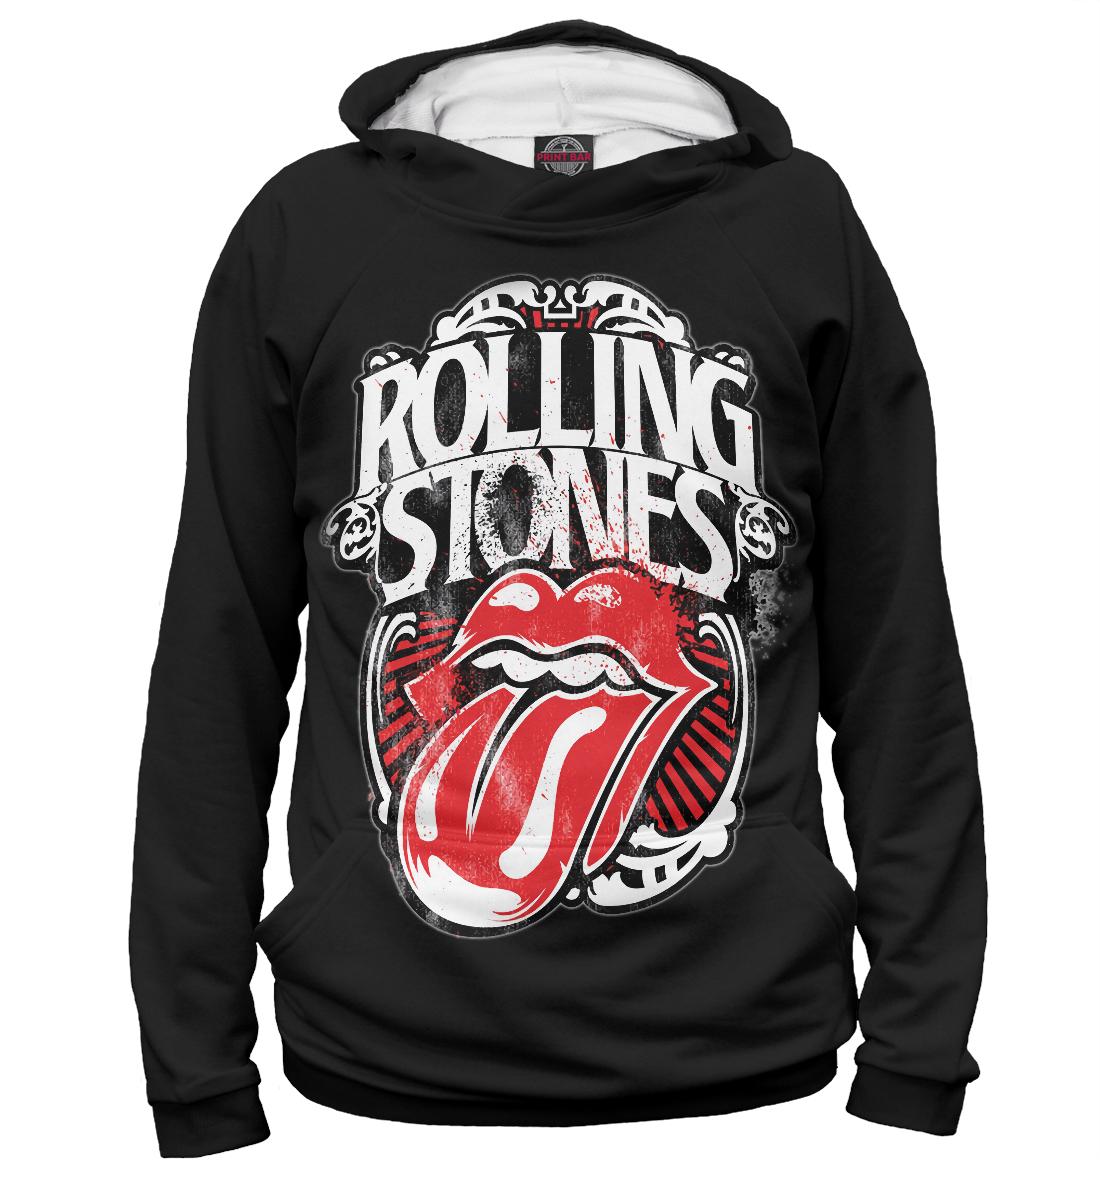 Купить The Rolling Stones, Printbar, Худи, RLS-350901-hud-2